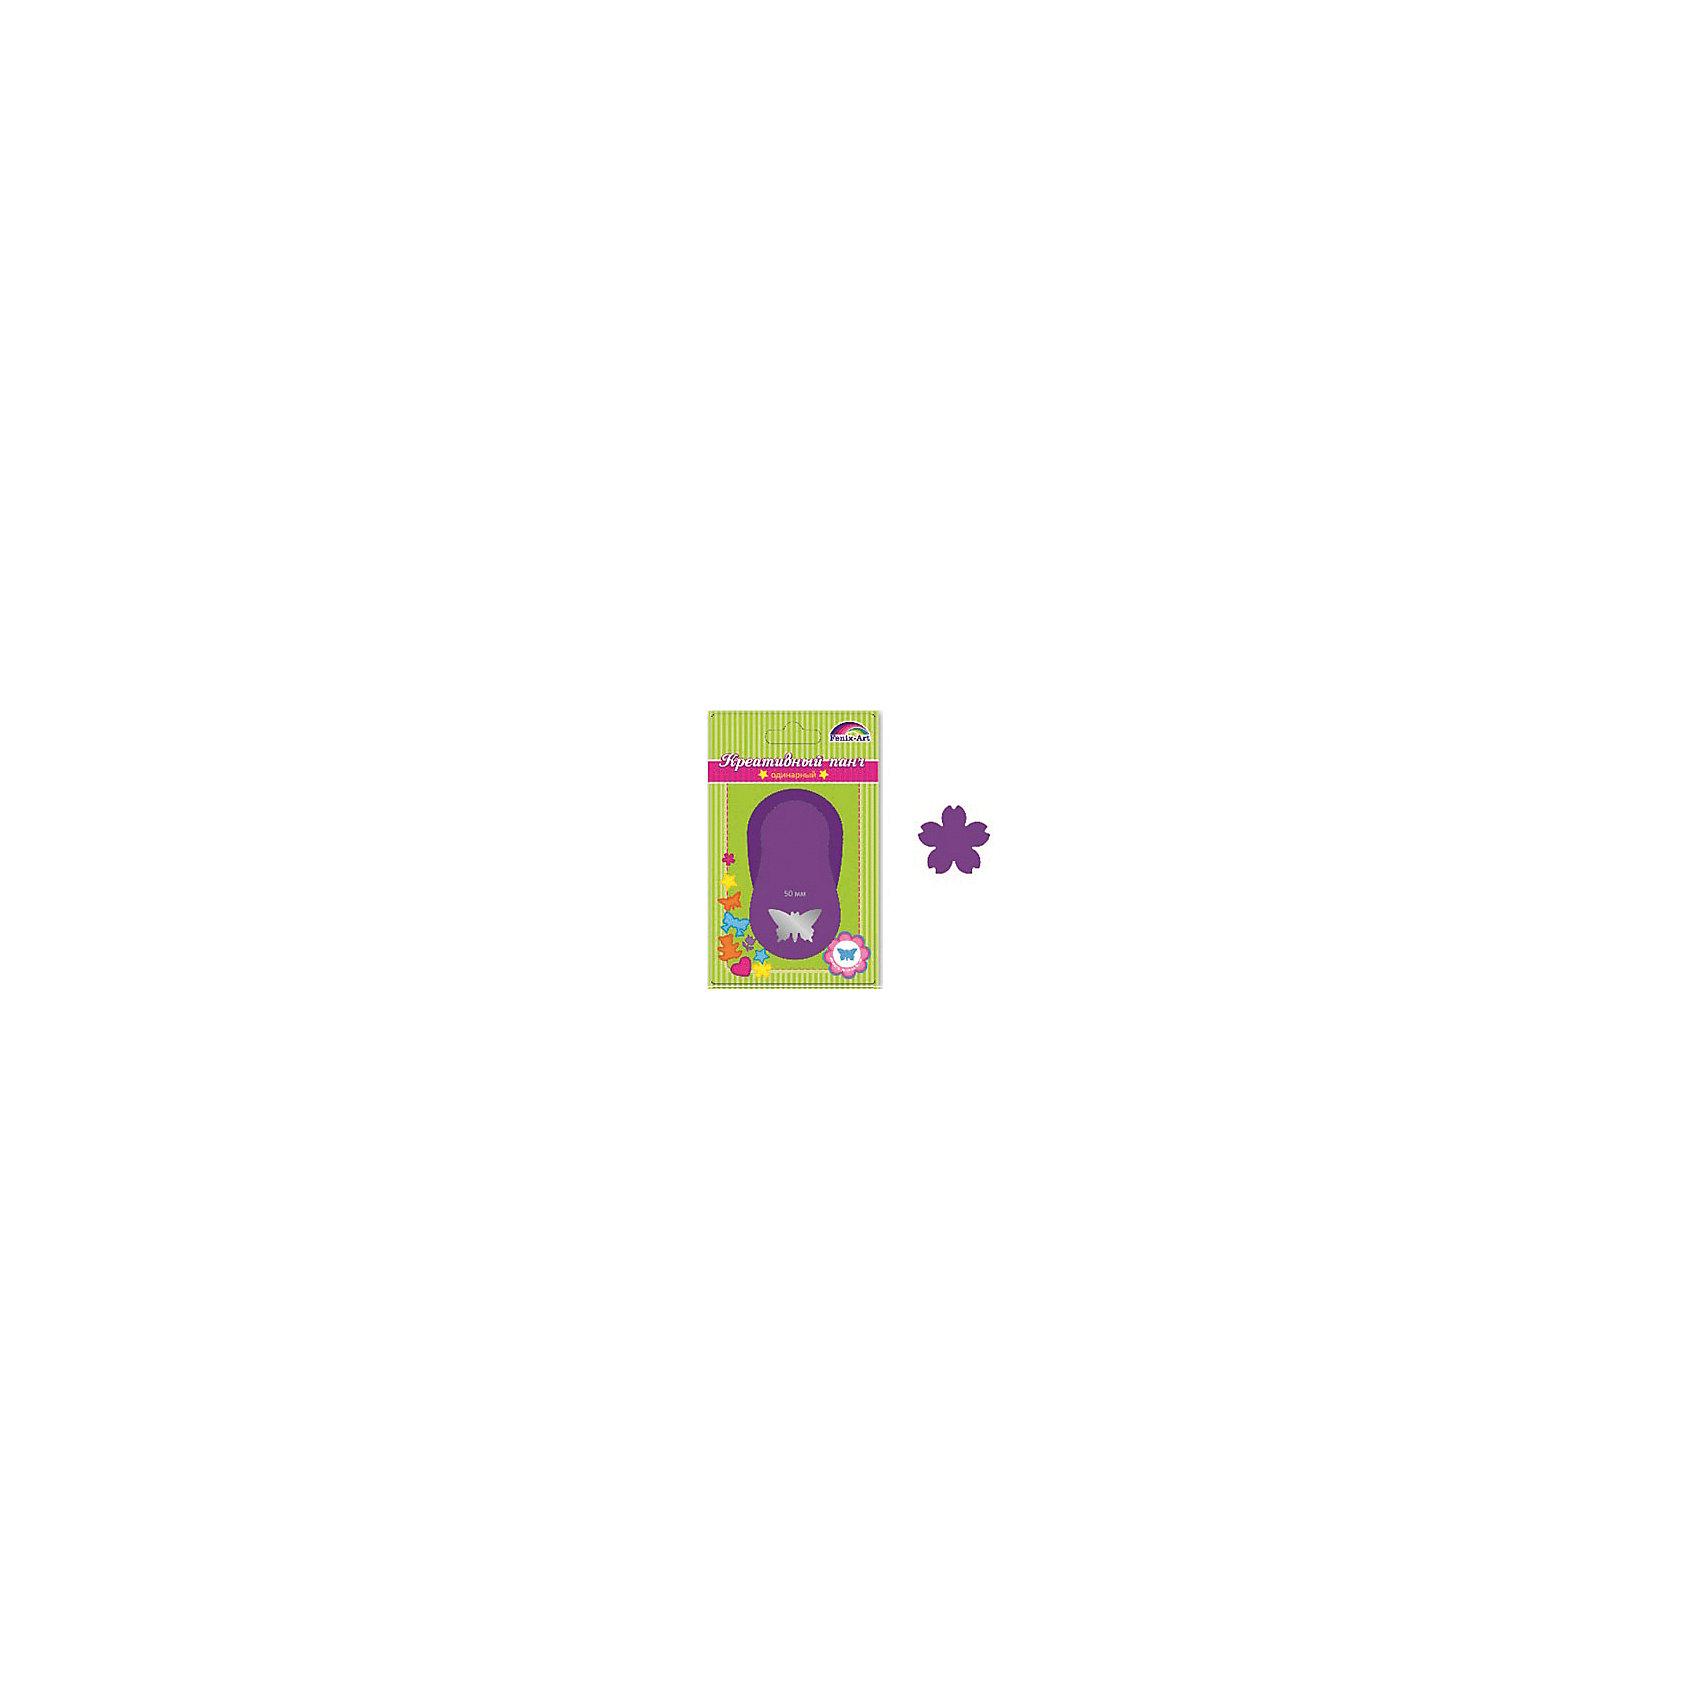 Панч-дырокол одинарный 50 мм Цветочек Феникс+Бумага<br>Панч-дырокол одинарный ЦВЕТОЧЕК/50 (размер рисунка 50мм, размер панча 112х67х79, сиреневый цвет, в блистере)<br><br>Ширина мм: 180<br>Глубина мм: 110<br>Высота мм: 90<br>Вес г: 325<br>Возраст от месяцев: 72<br>Возраст до месяцев: 2147483647<br>Пол: Унисекс<br>Возраст: Детский<br>SKU: 7046284